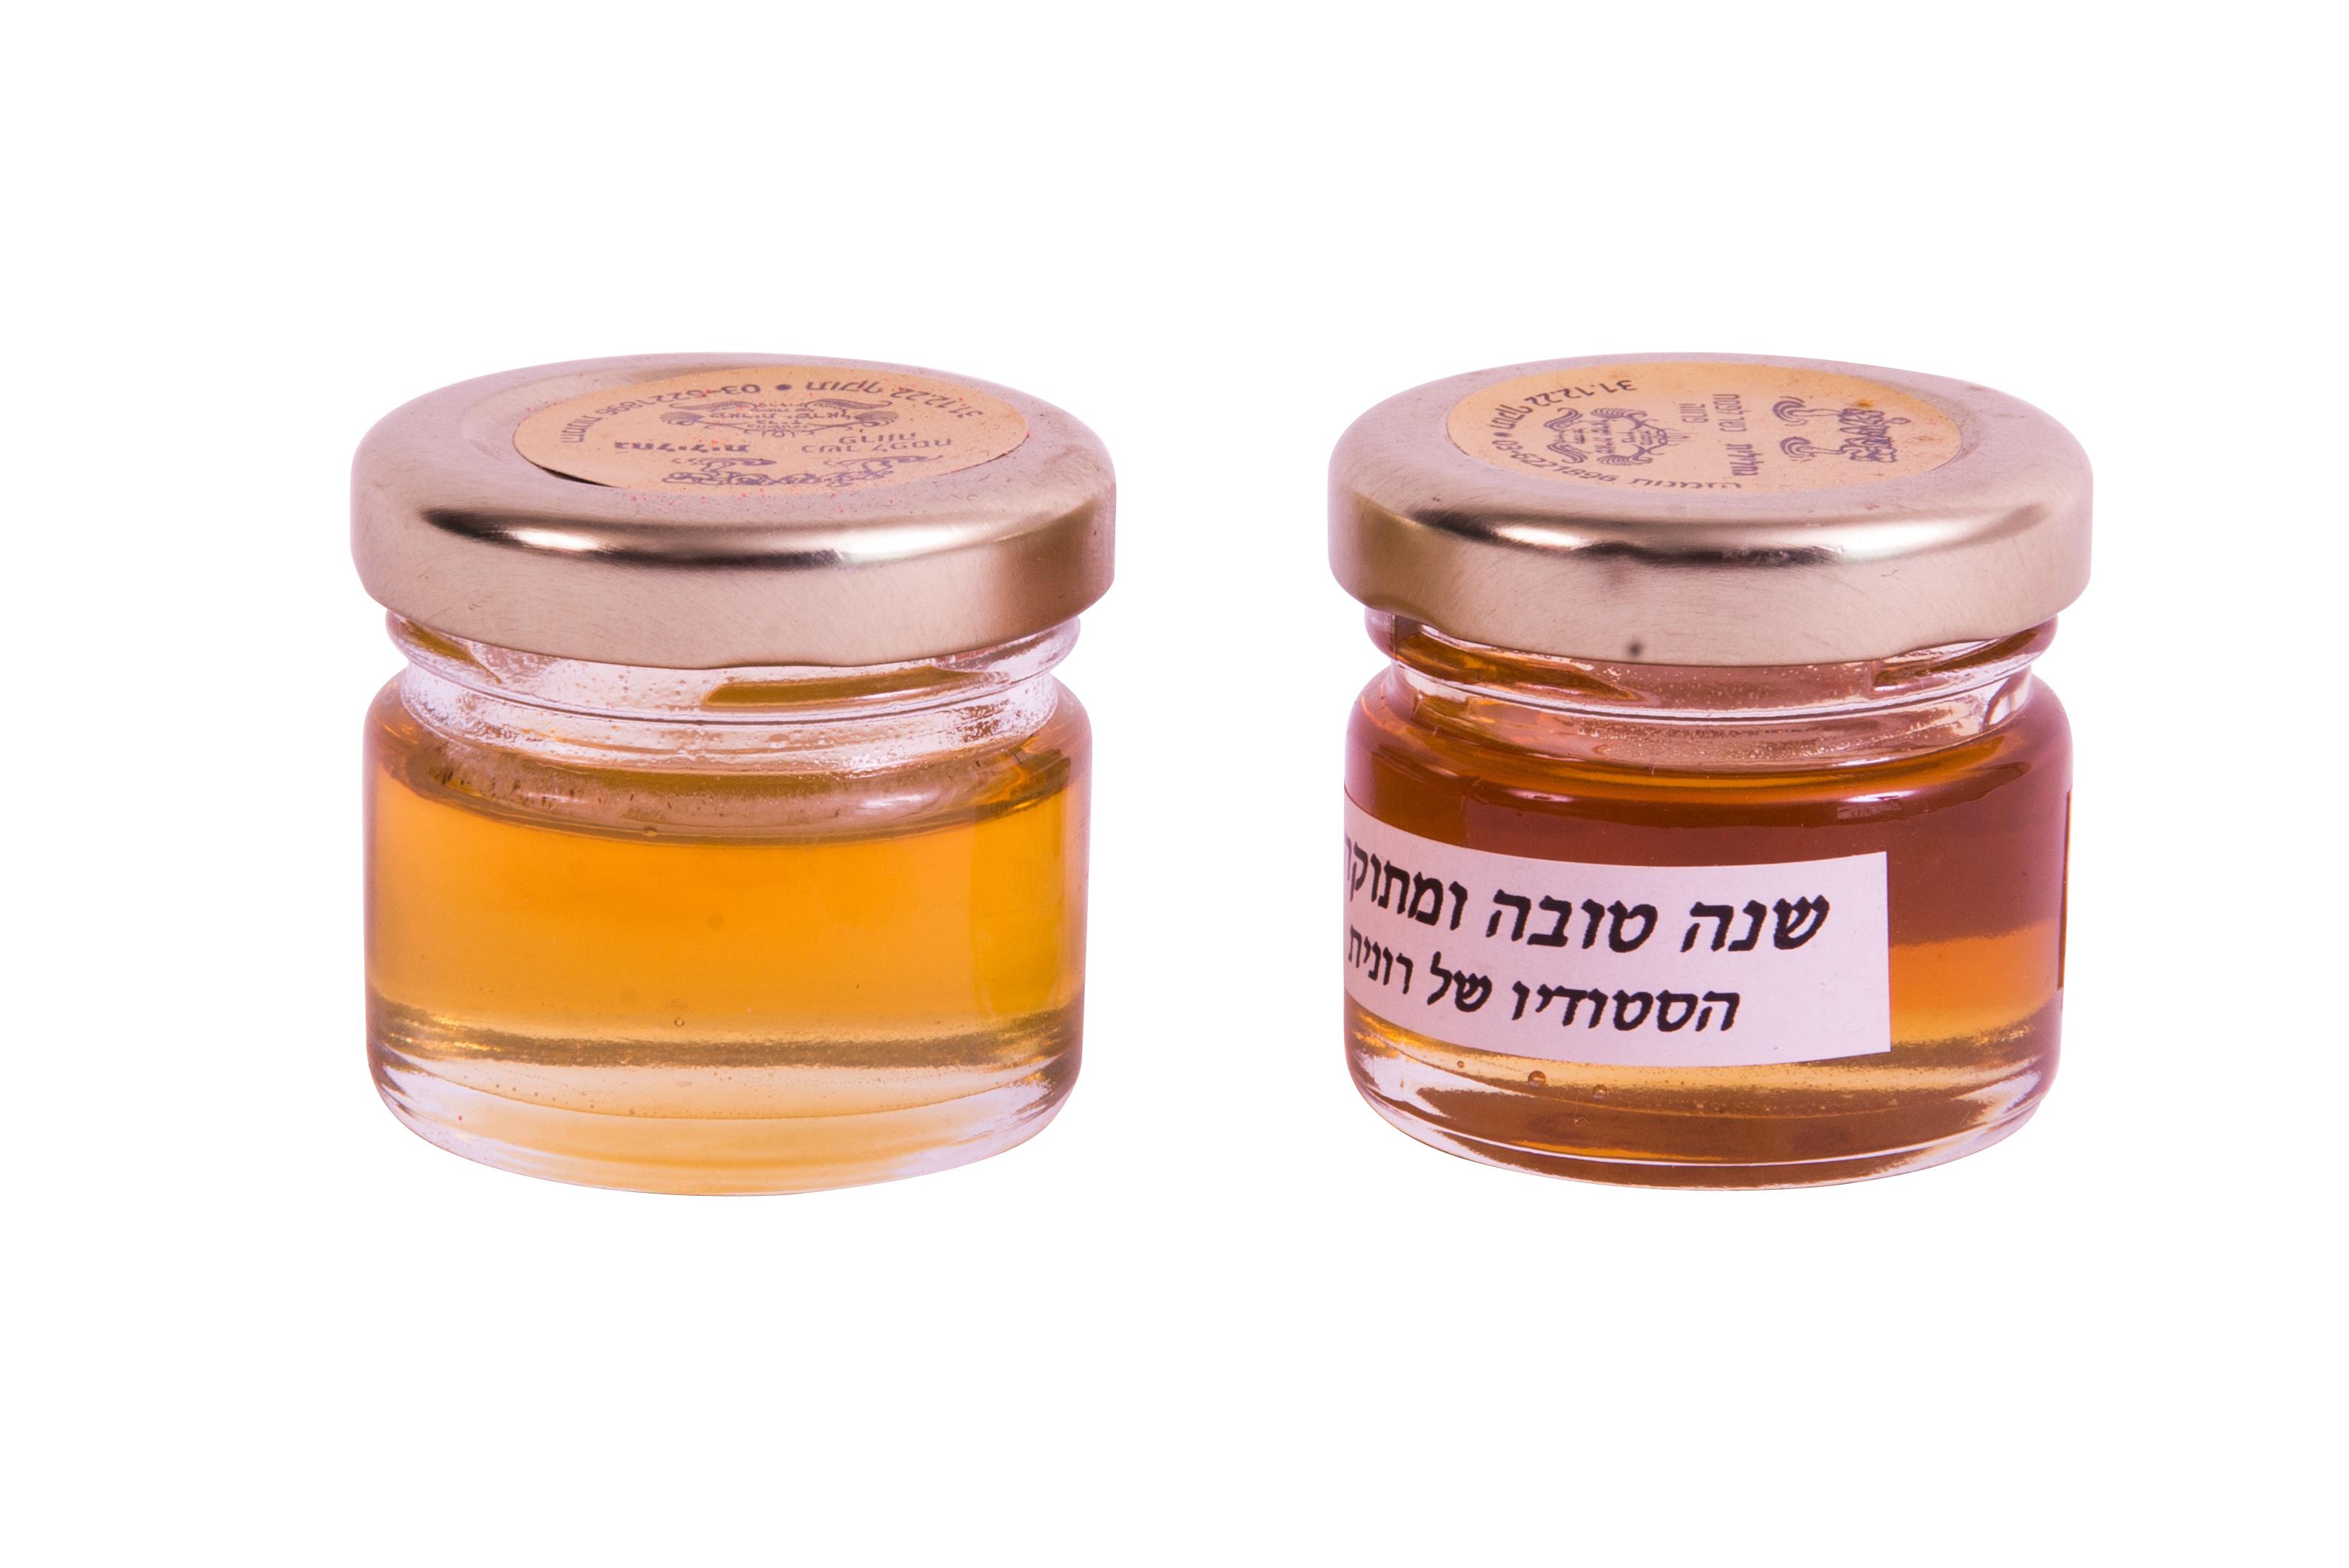 מדבקות לצנצנות דבש